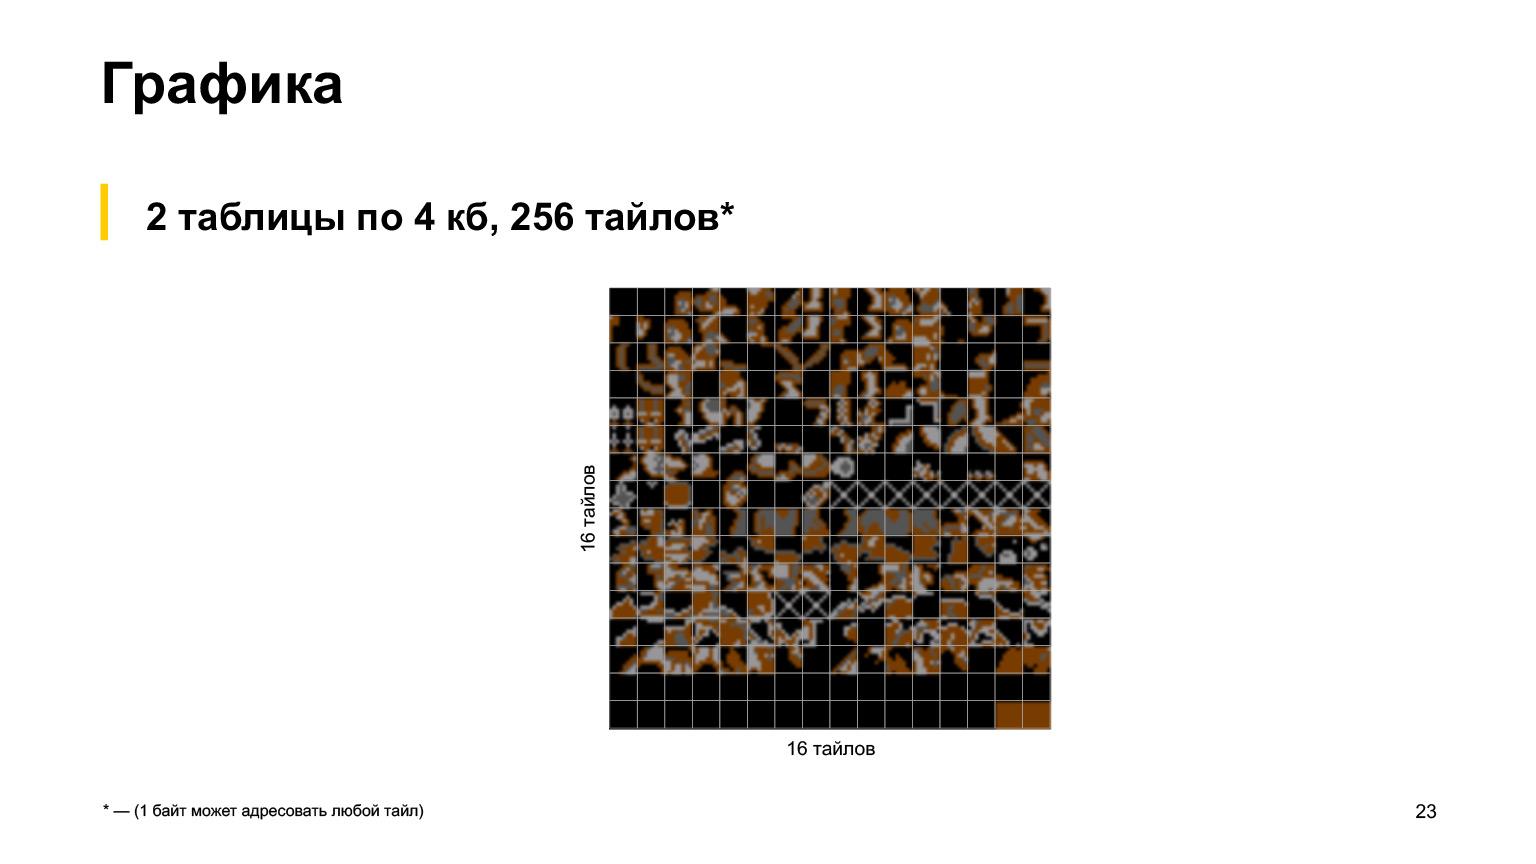 Эмуляция NES-Famicom-Денди на веб-технологиях. Доклад Яндекса - 18